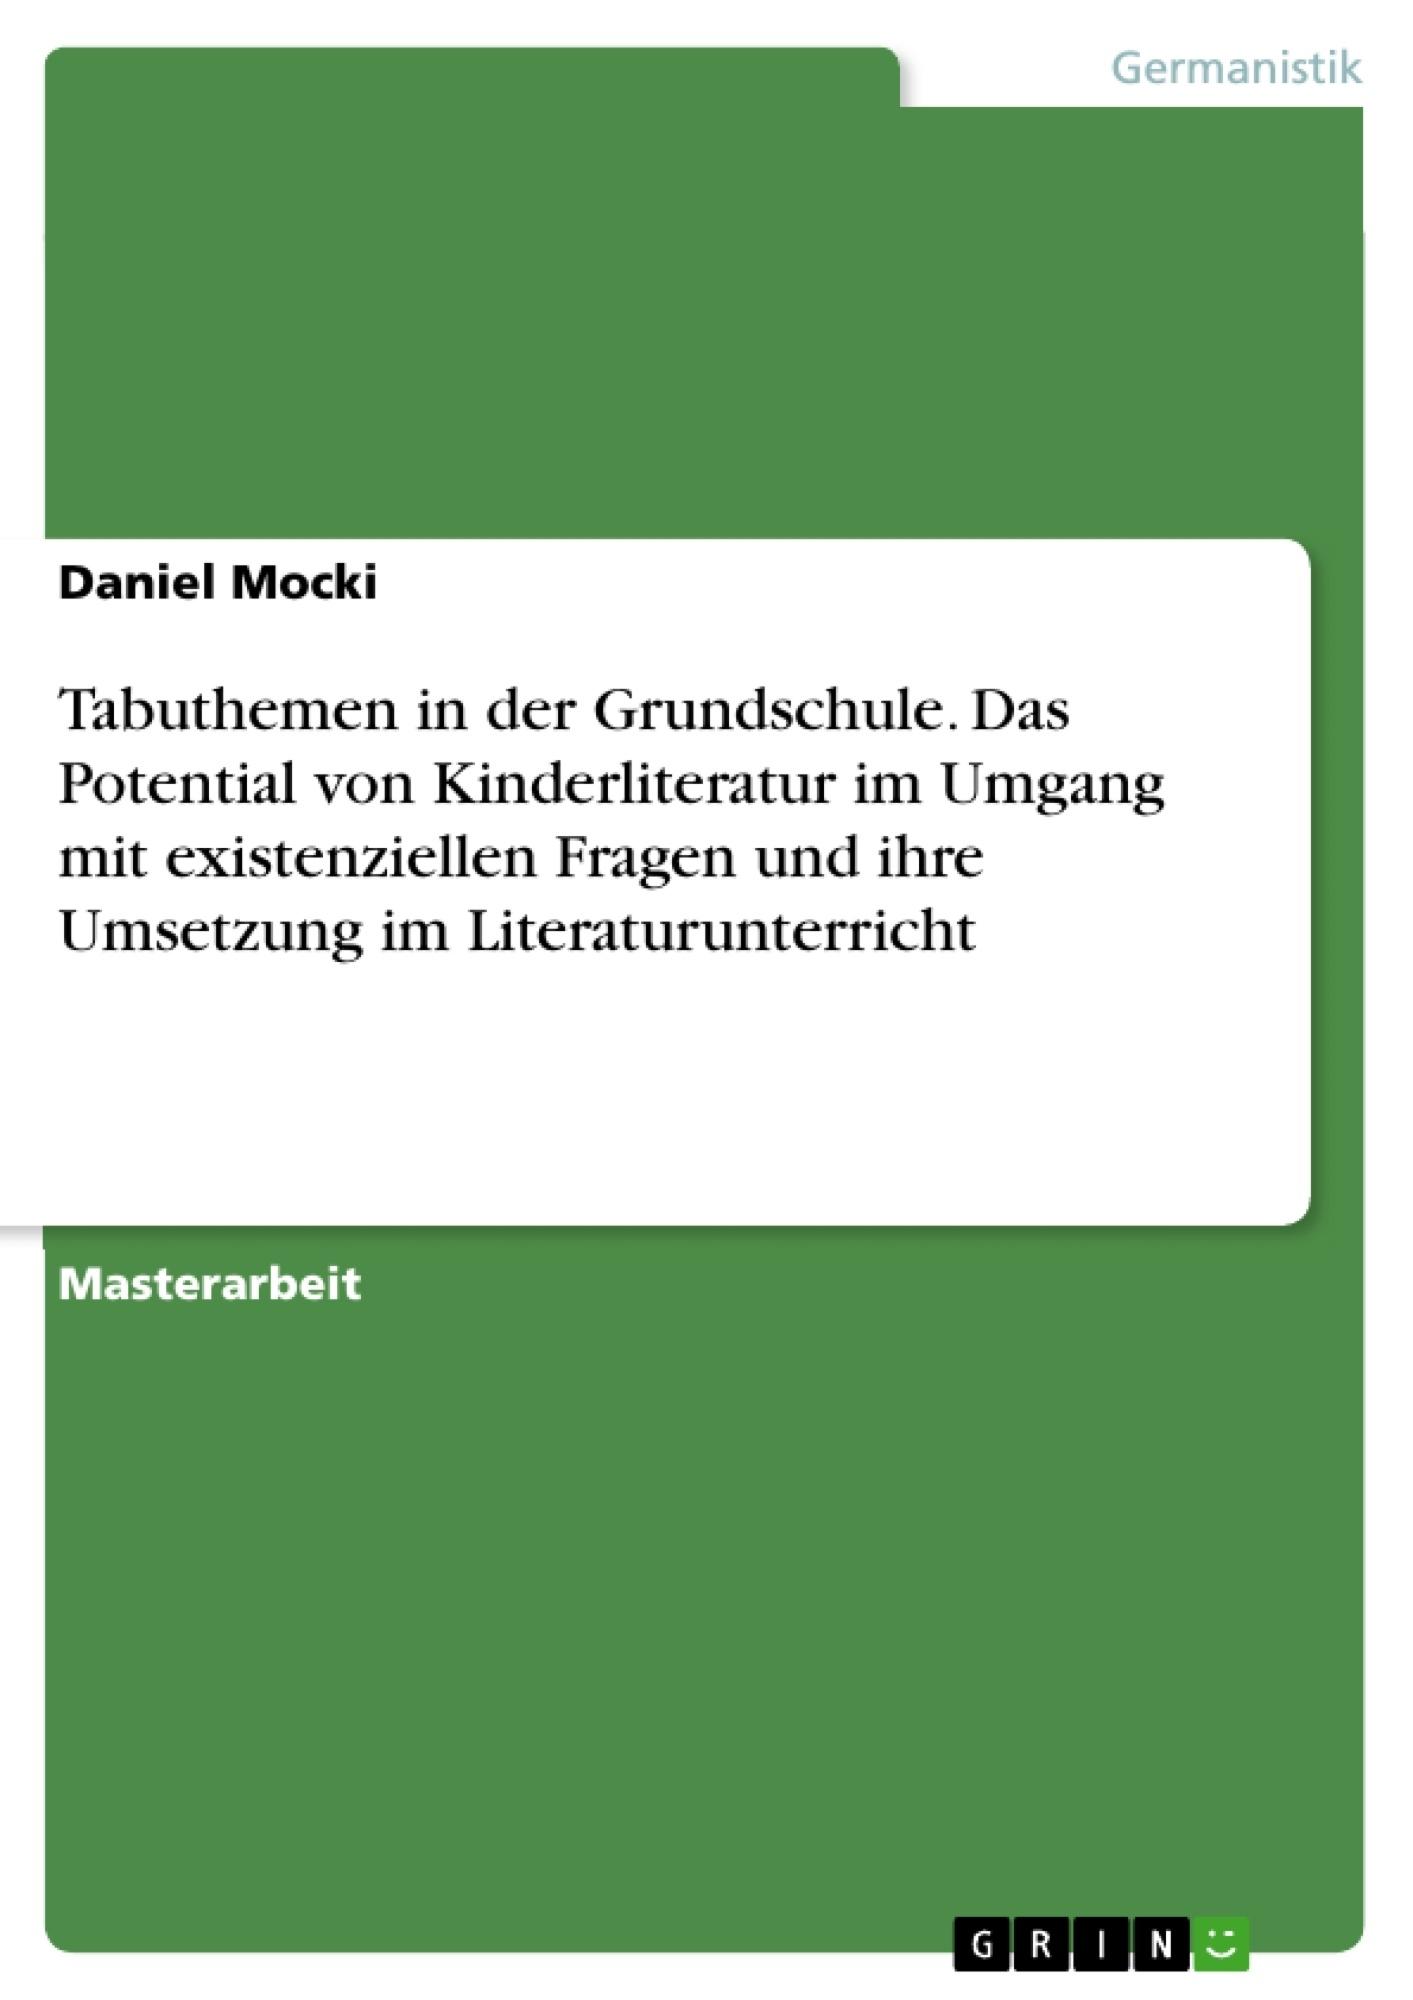 Titel: Tabuthemen in der Grundschule. Das Potential von Kinderliteratur im Umgang mit existenziellen Fragen und ihre Umsetzung im Literaturunterricht